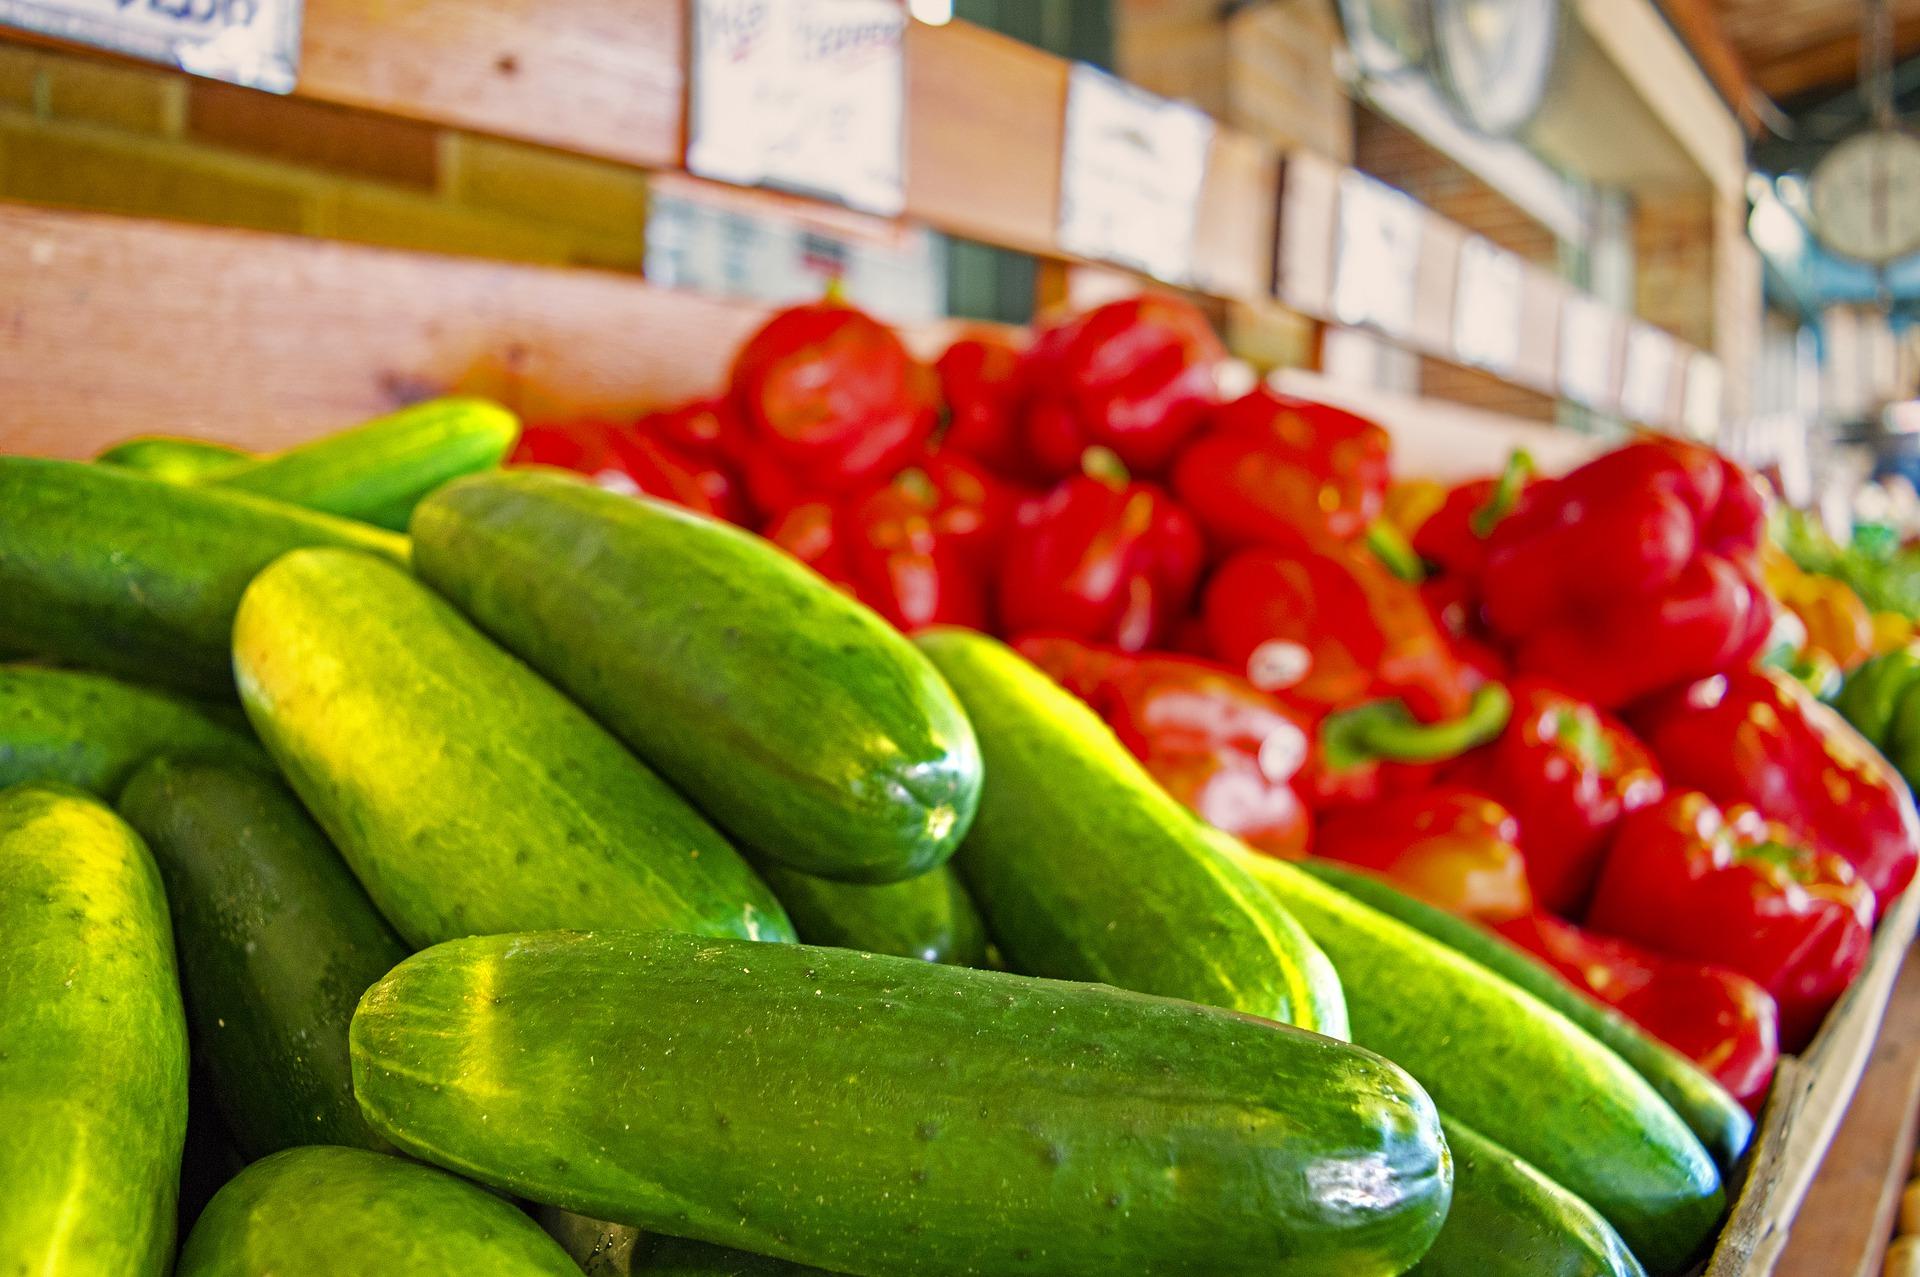 Фермерские продукты: тренд или классика?